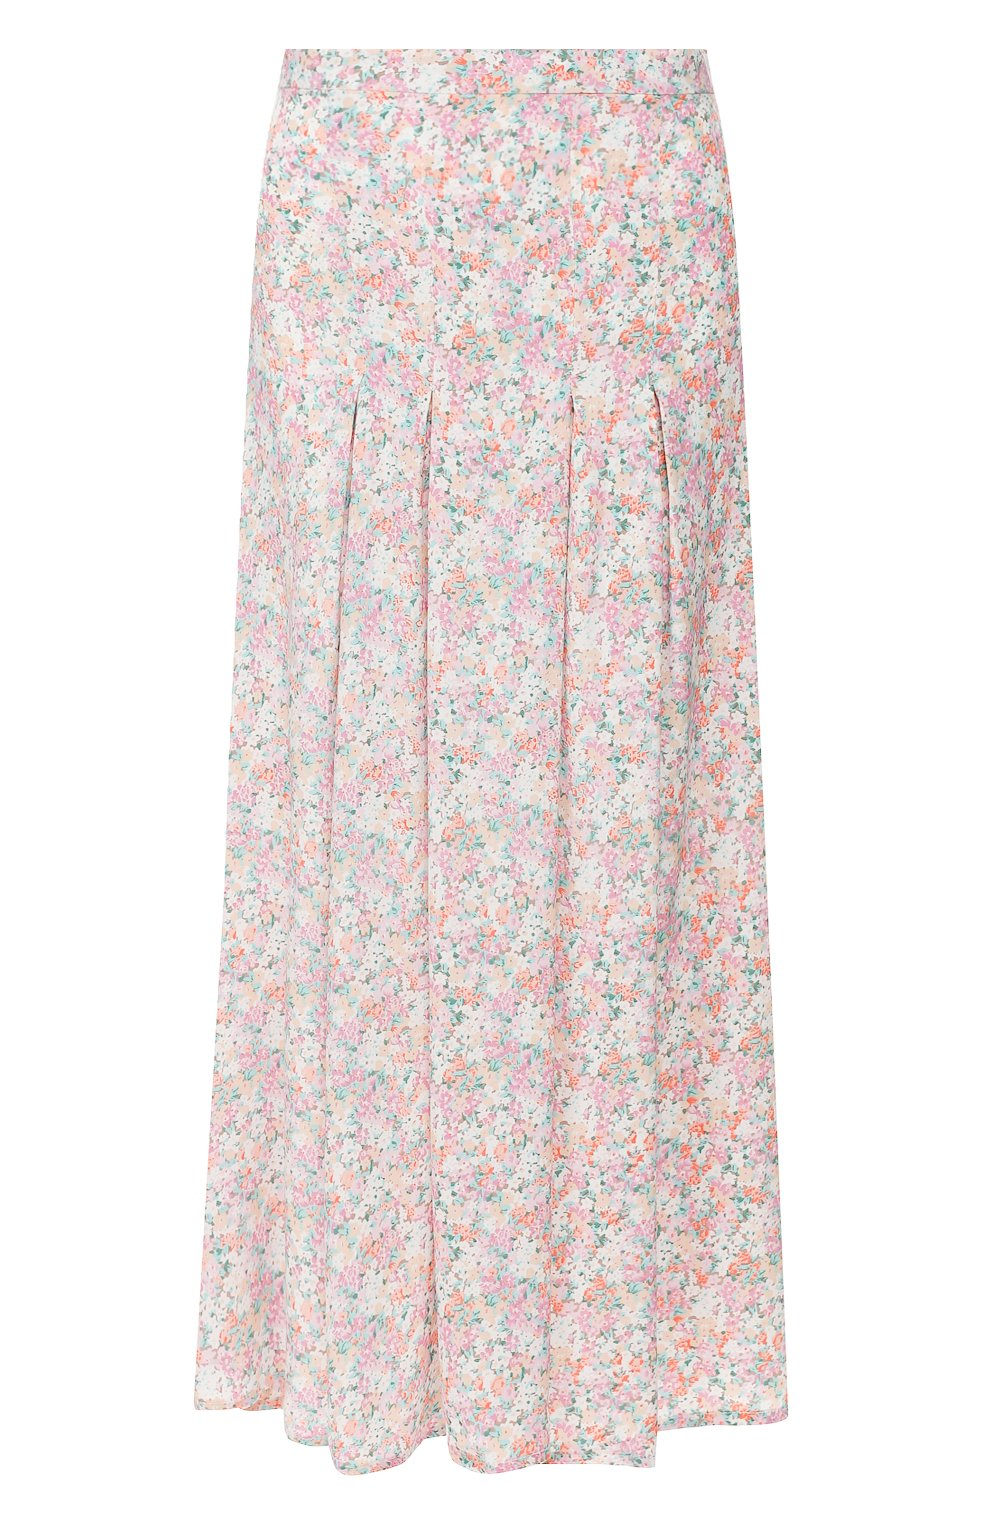 Женская юбка из вискозы FAITHFULL THE BRAND розового цвета, арт. FF1454   Фото 1 (Женское Кросс-КТ: Юбка-одежда; Длина Ж (юбки, платья, шорты): Миди; Материал внешний: Вискоза)